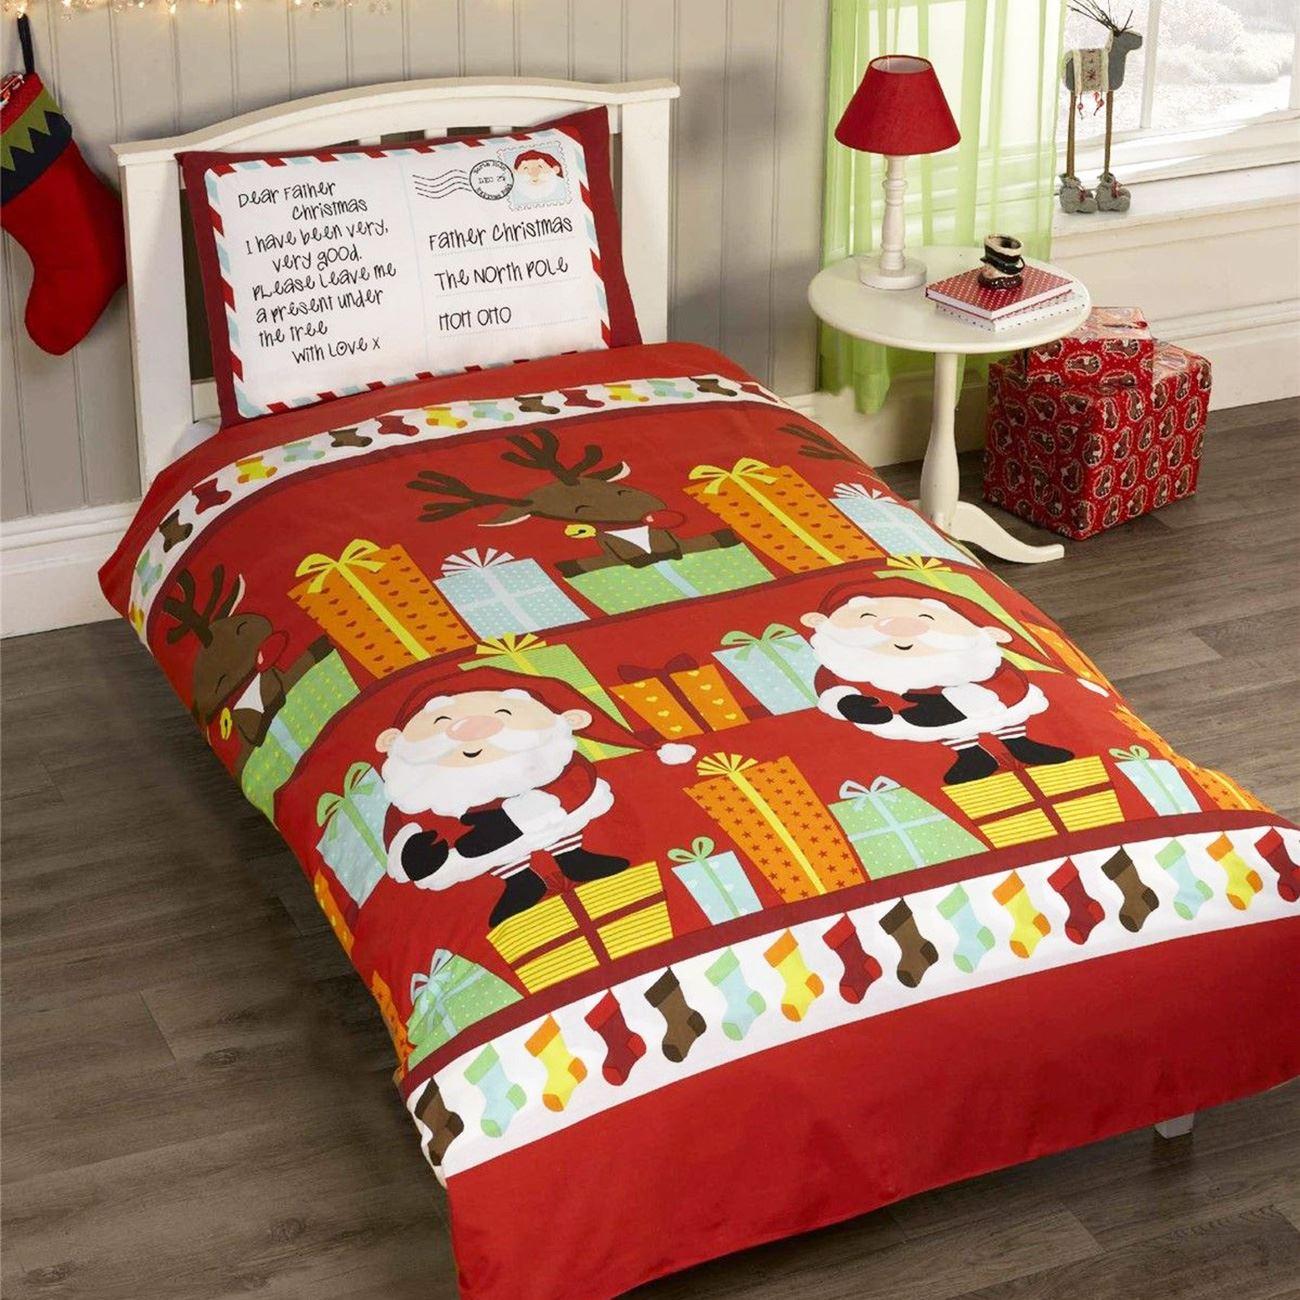 Indexbild 73 - Kinder Weihnachten Bettbezug Sets - Junior Einzel Doppel King - Elf Emoji Grinch